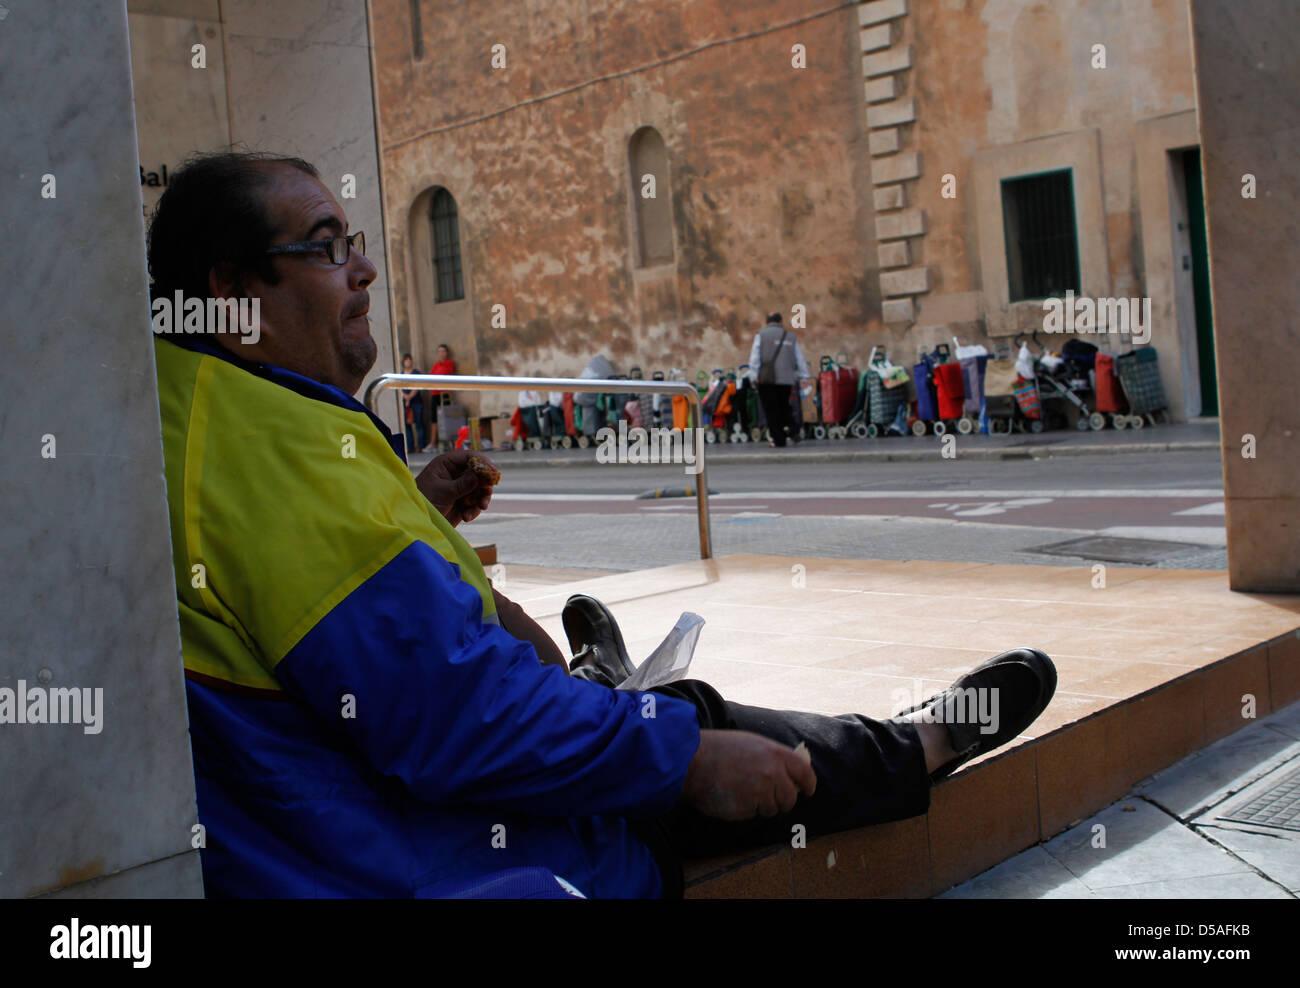 Chômeurs et souffrant d'obésité morbide attendre l'ouverture d'un centre de bienfaisance Photo Stock